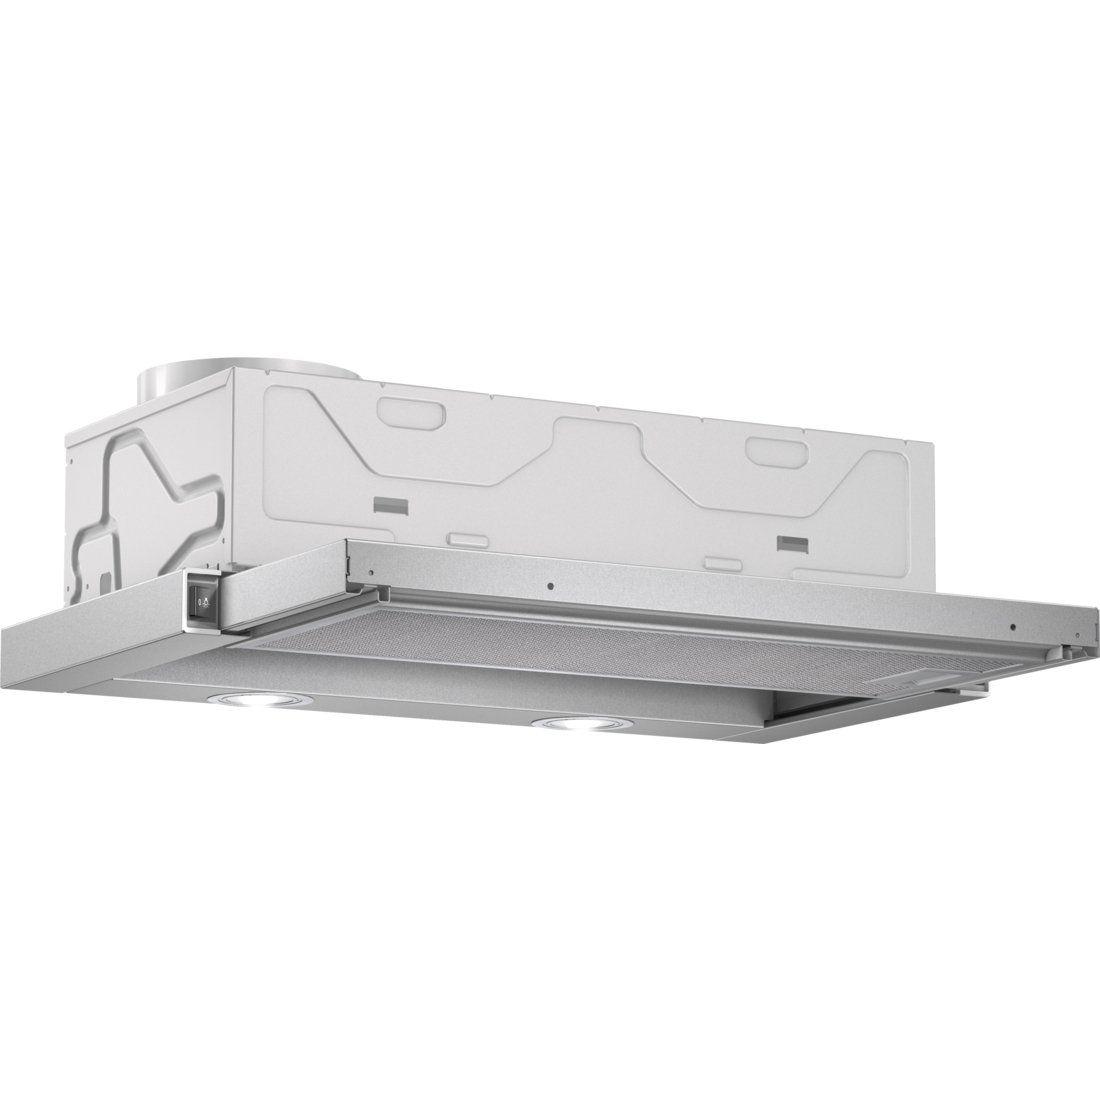 Вытяжка под шкаф BOSCH DFL 064 W 51